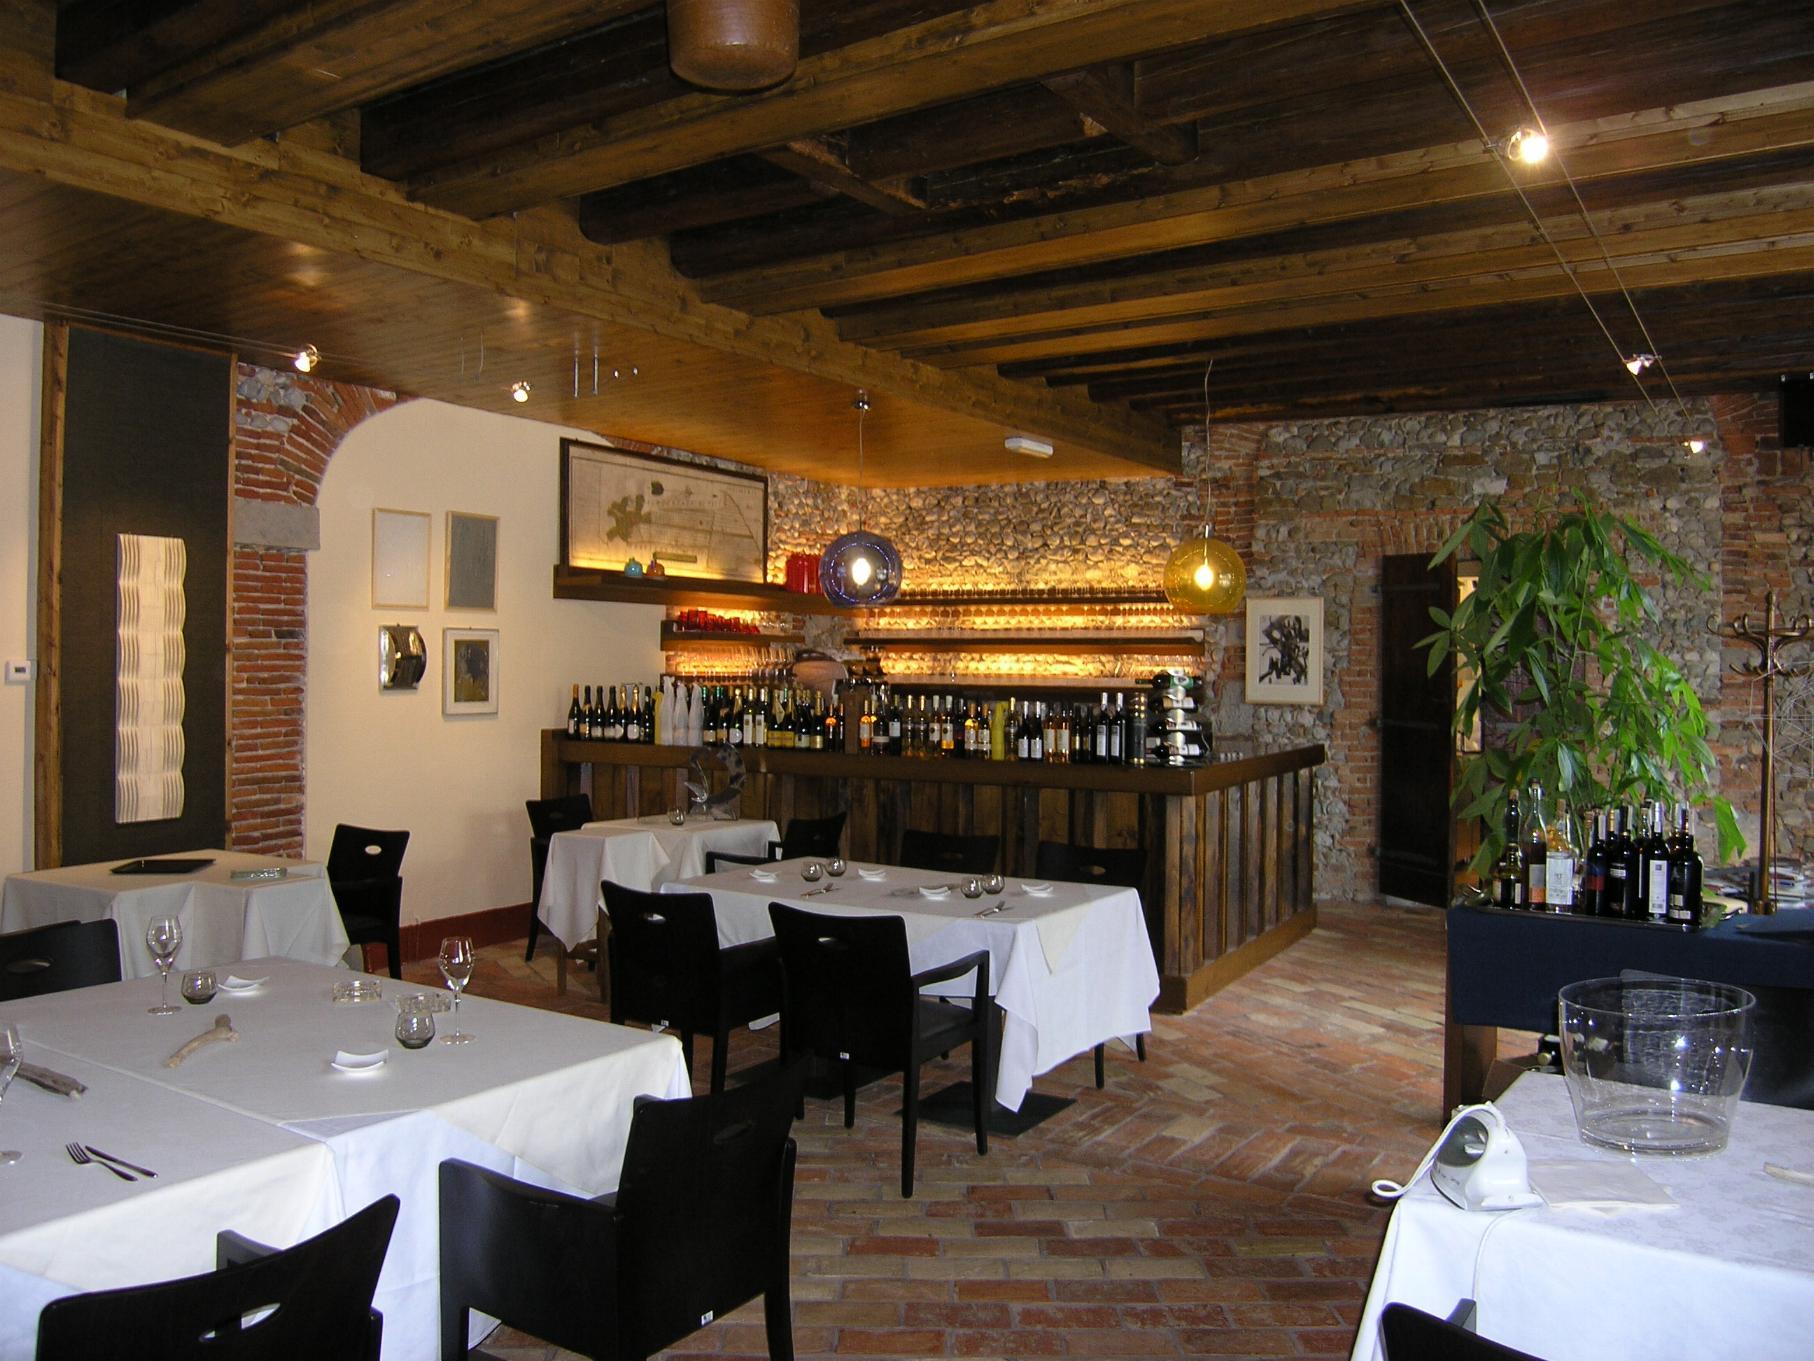 Arredamento Rustico Casa sz arredo | arredamenti progettazione interno bar ristorante